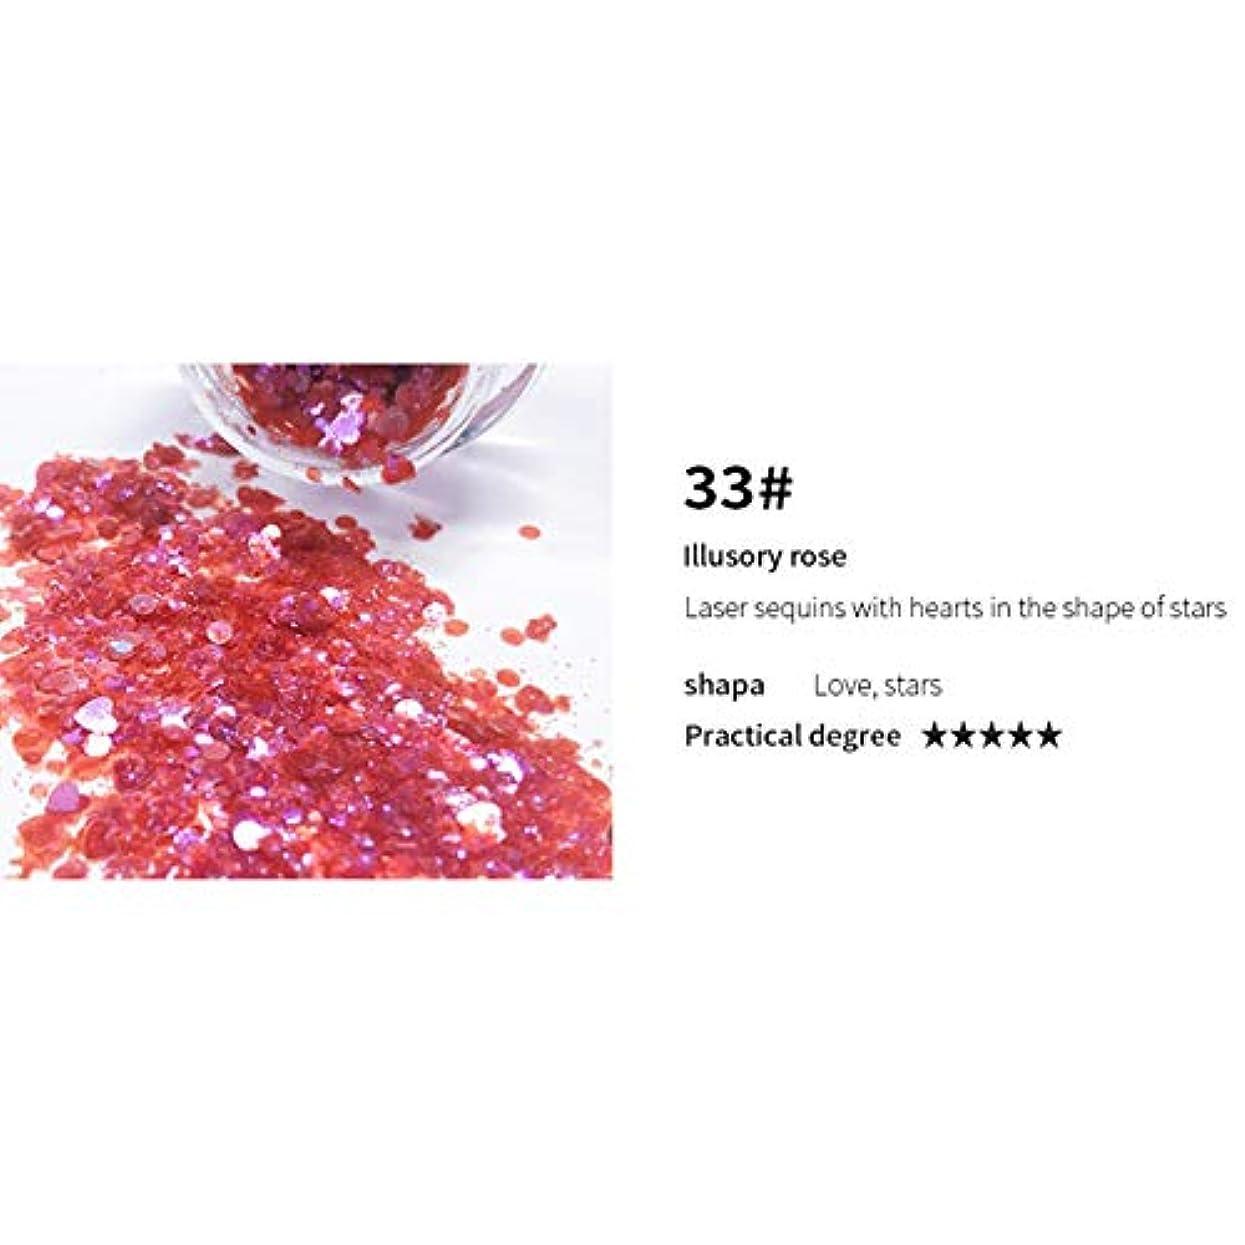 突き出す例示する追加するRabugogo キラキラパウダースパンコールパーティーメイク輝くスパンコールカラフルな顔目リップボディヘアグリッターフラッシュネイル化粧品 33#